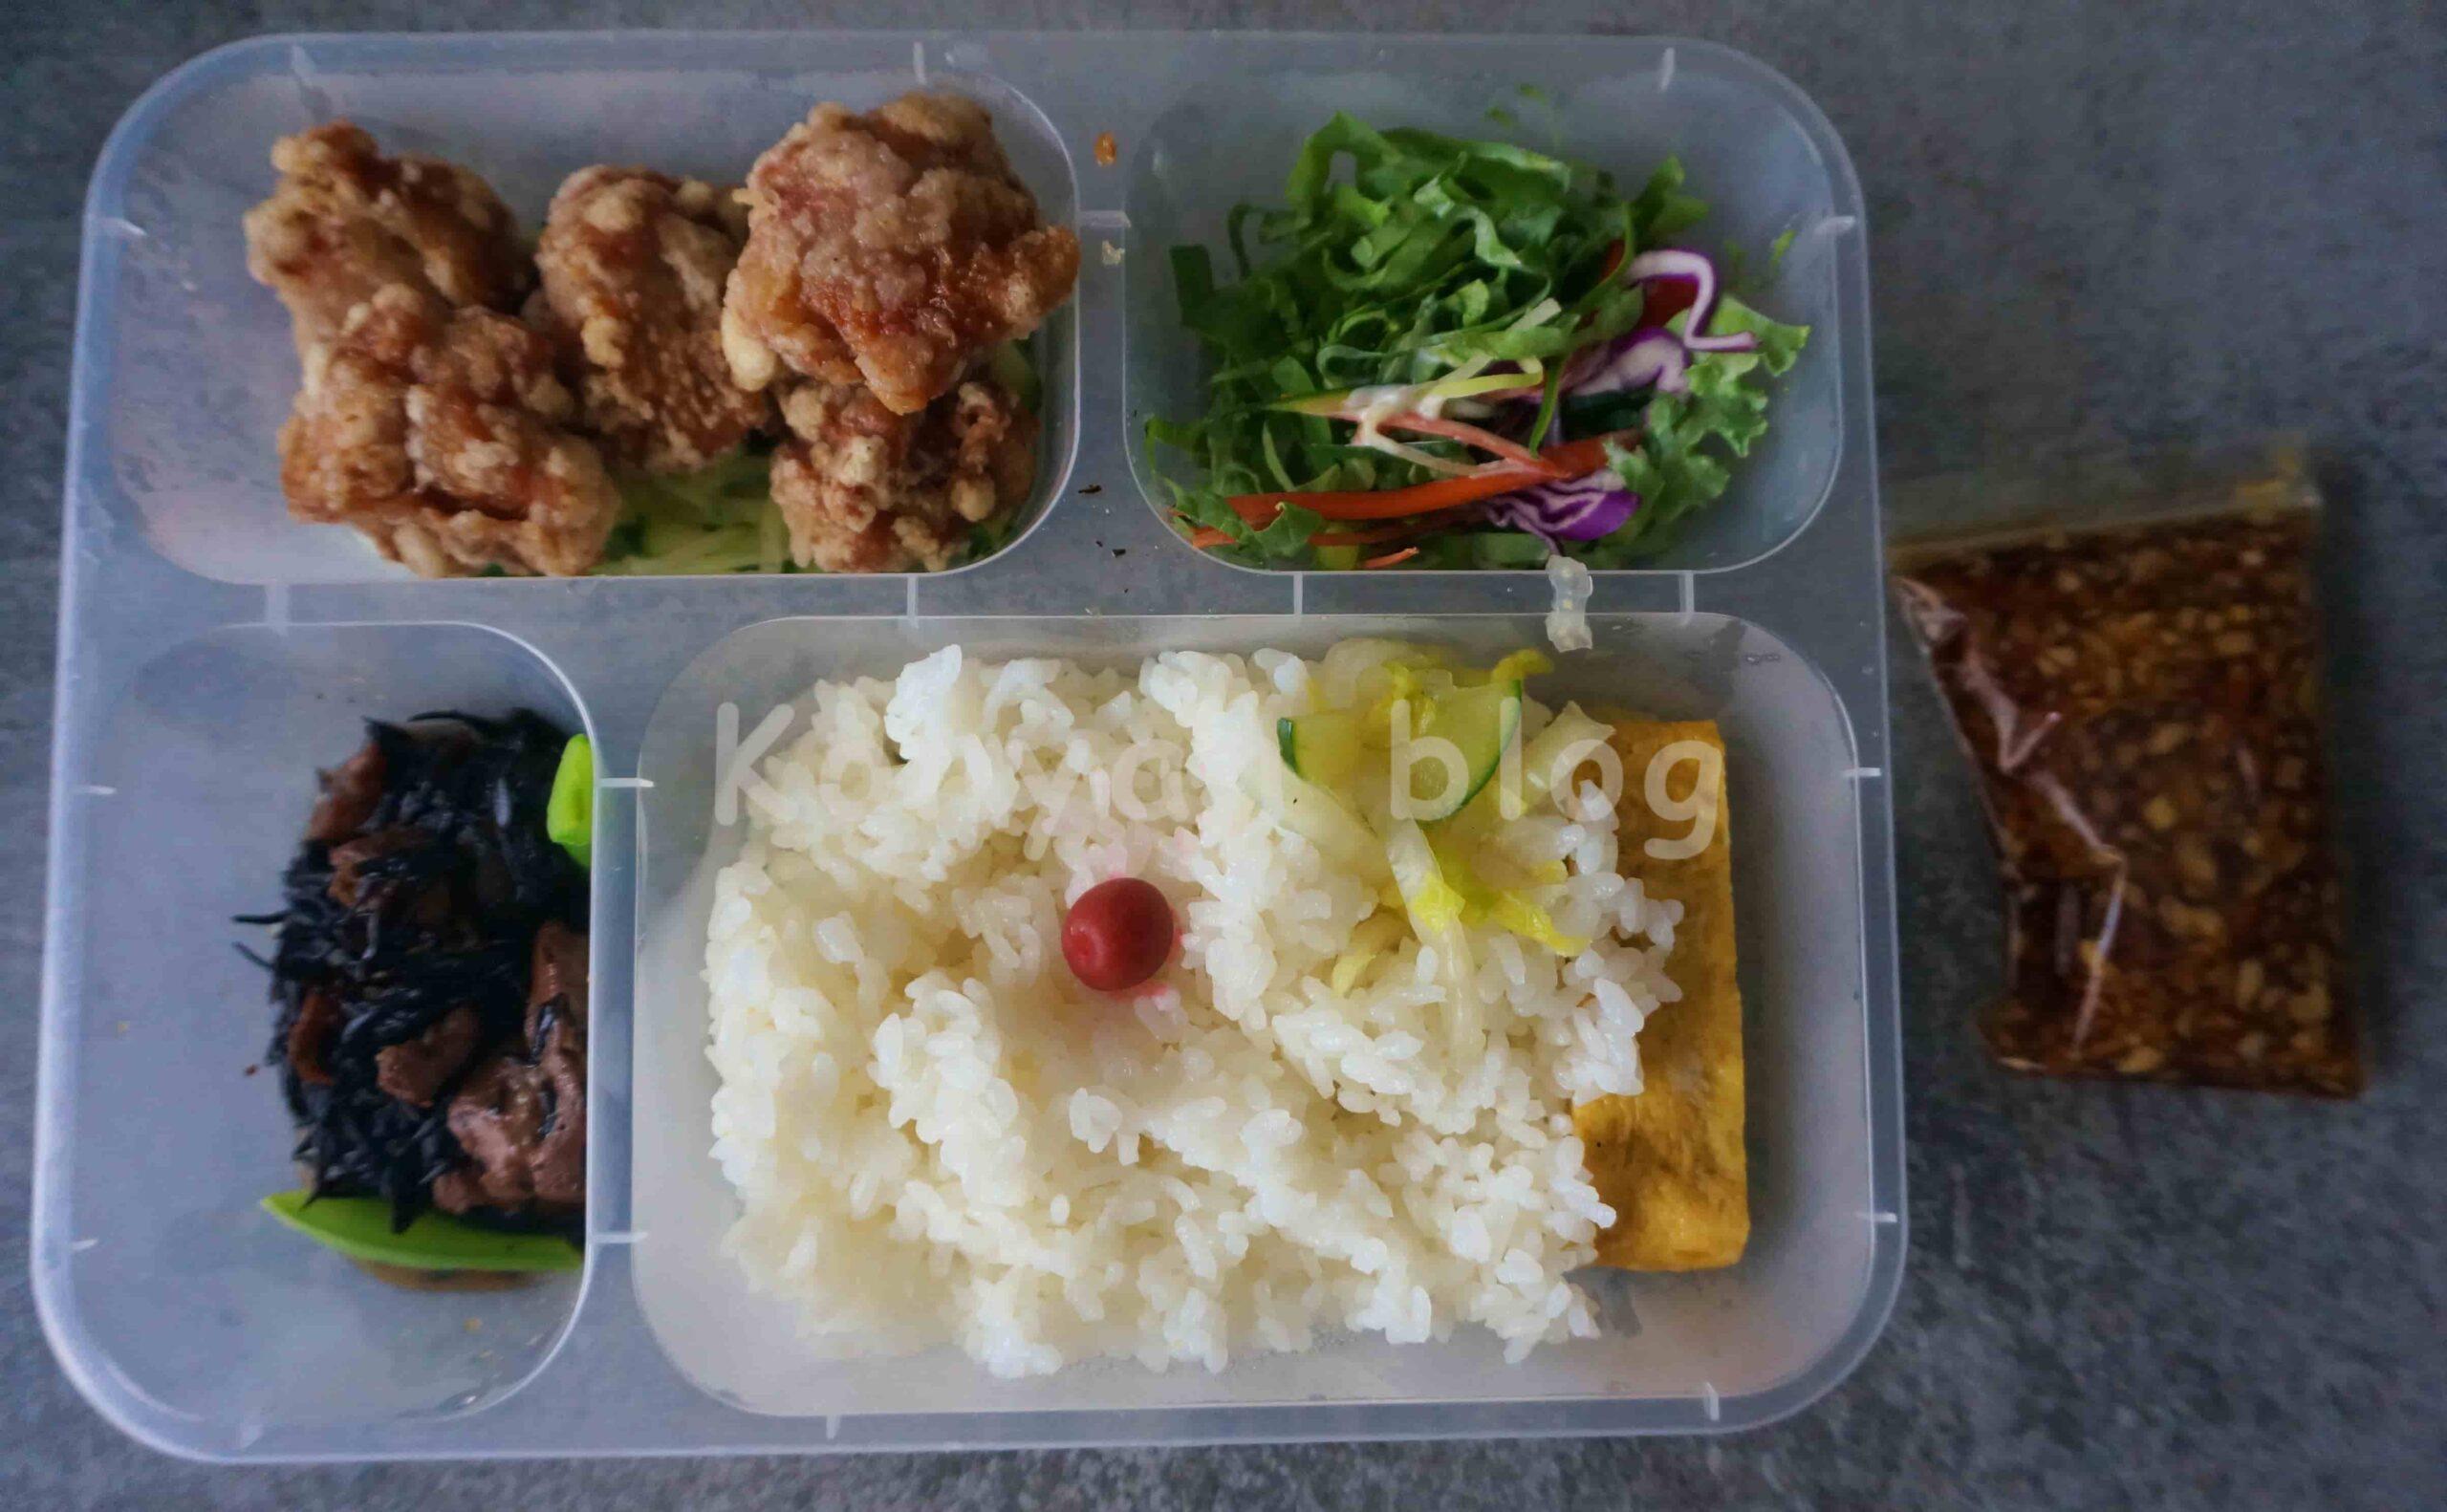 日本焼肉党 油淋鶏鶏唐揚げ弁当